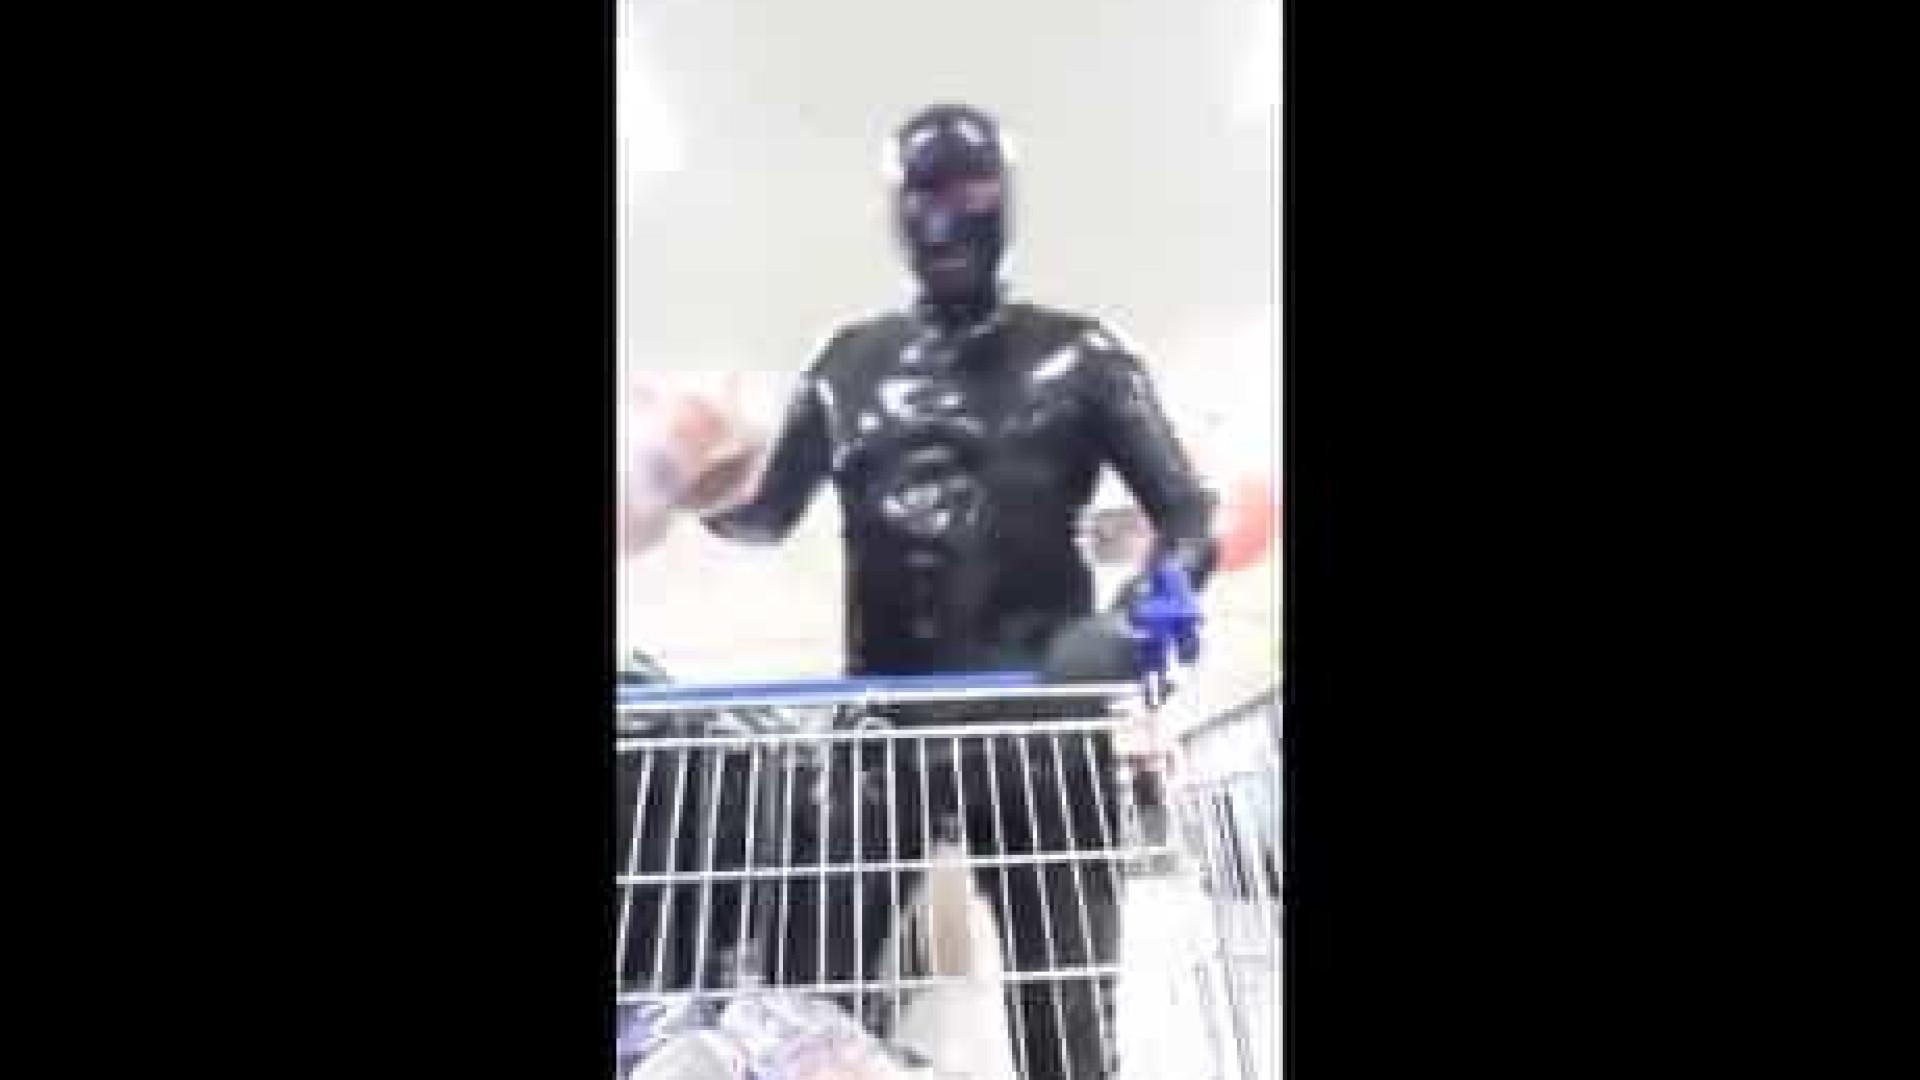 Proteção extrema? Homem vai às compras vestido com... fato de látex